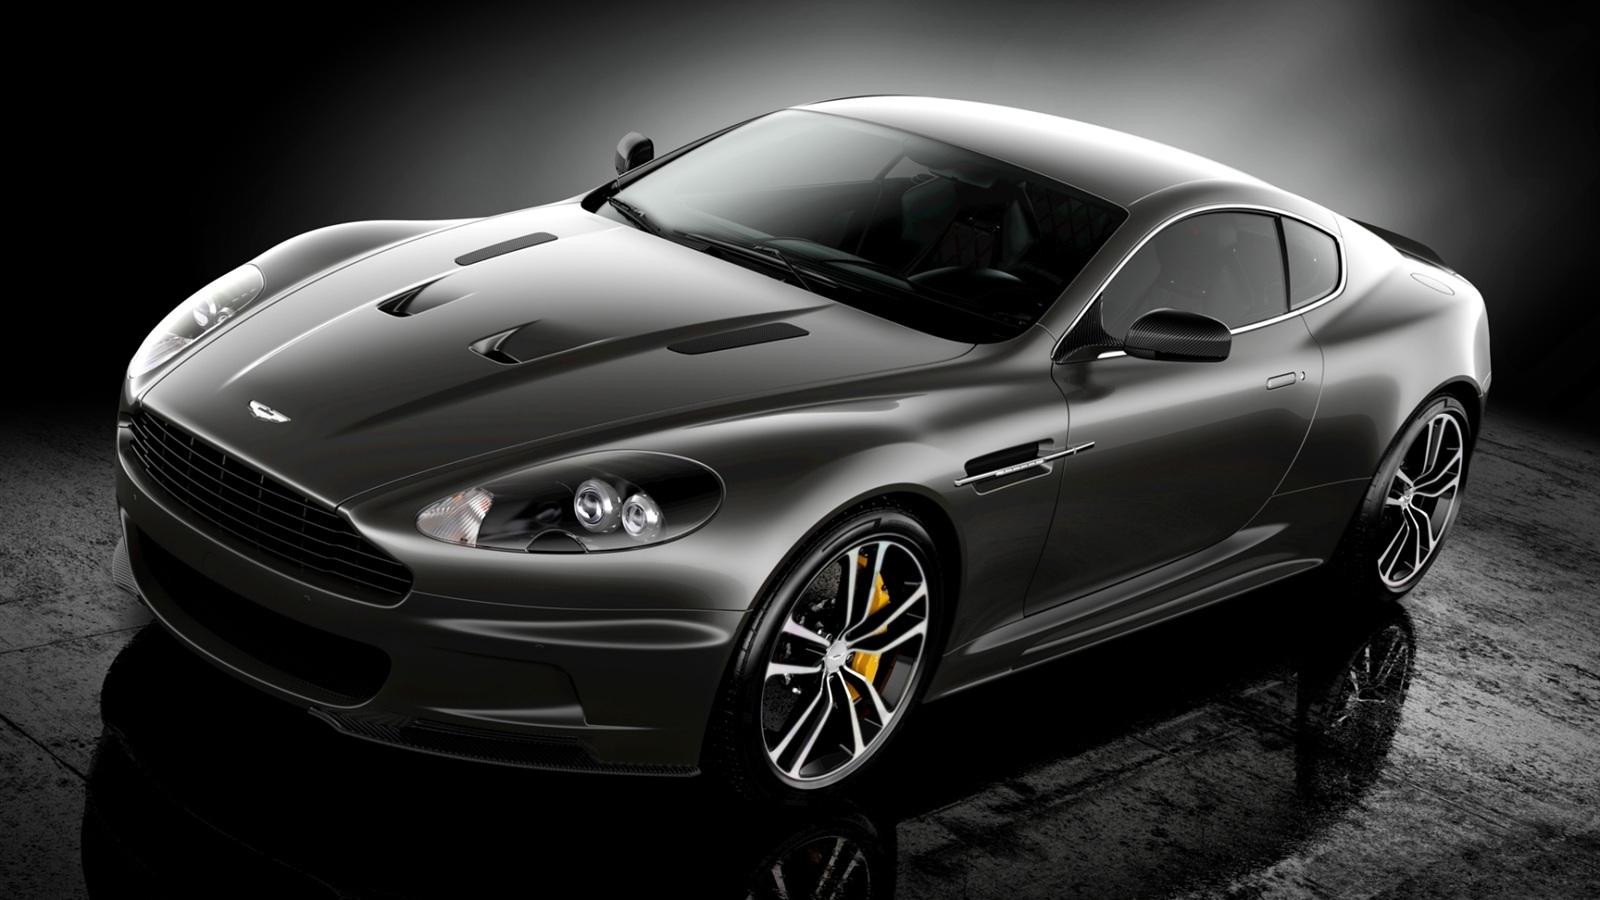 Aston Martin Supercar Black Color X